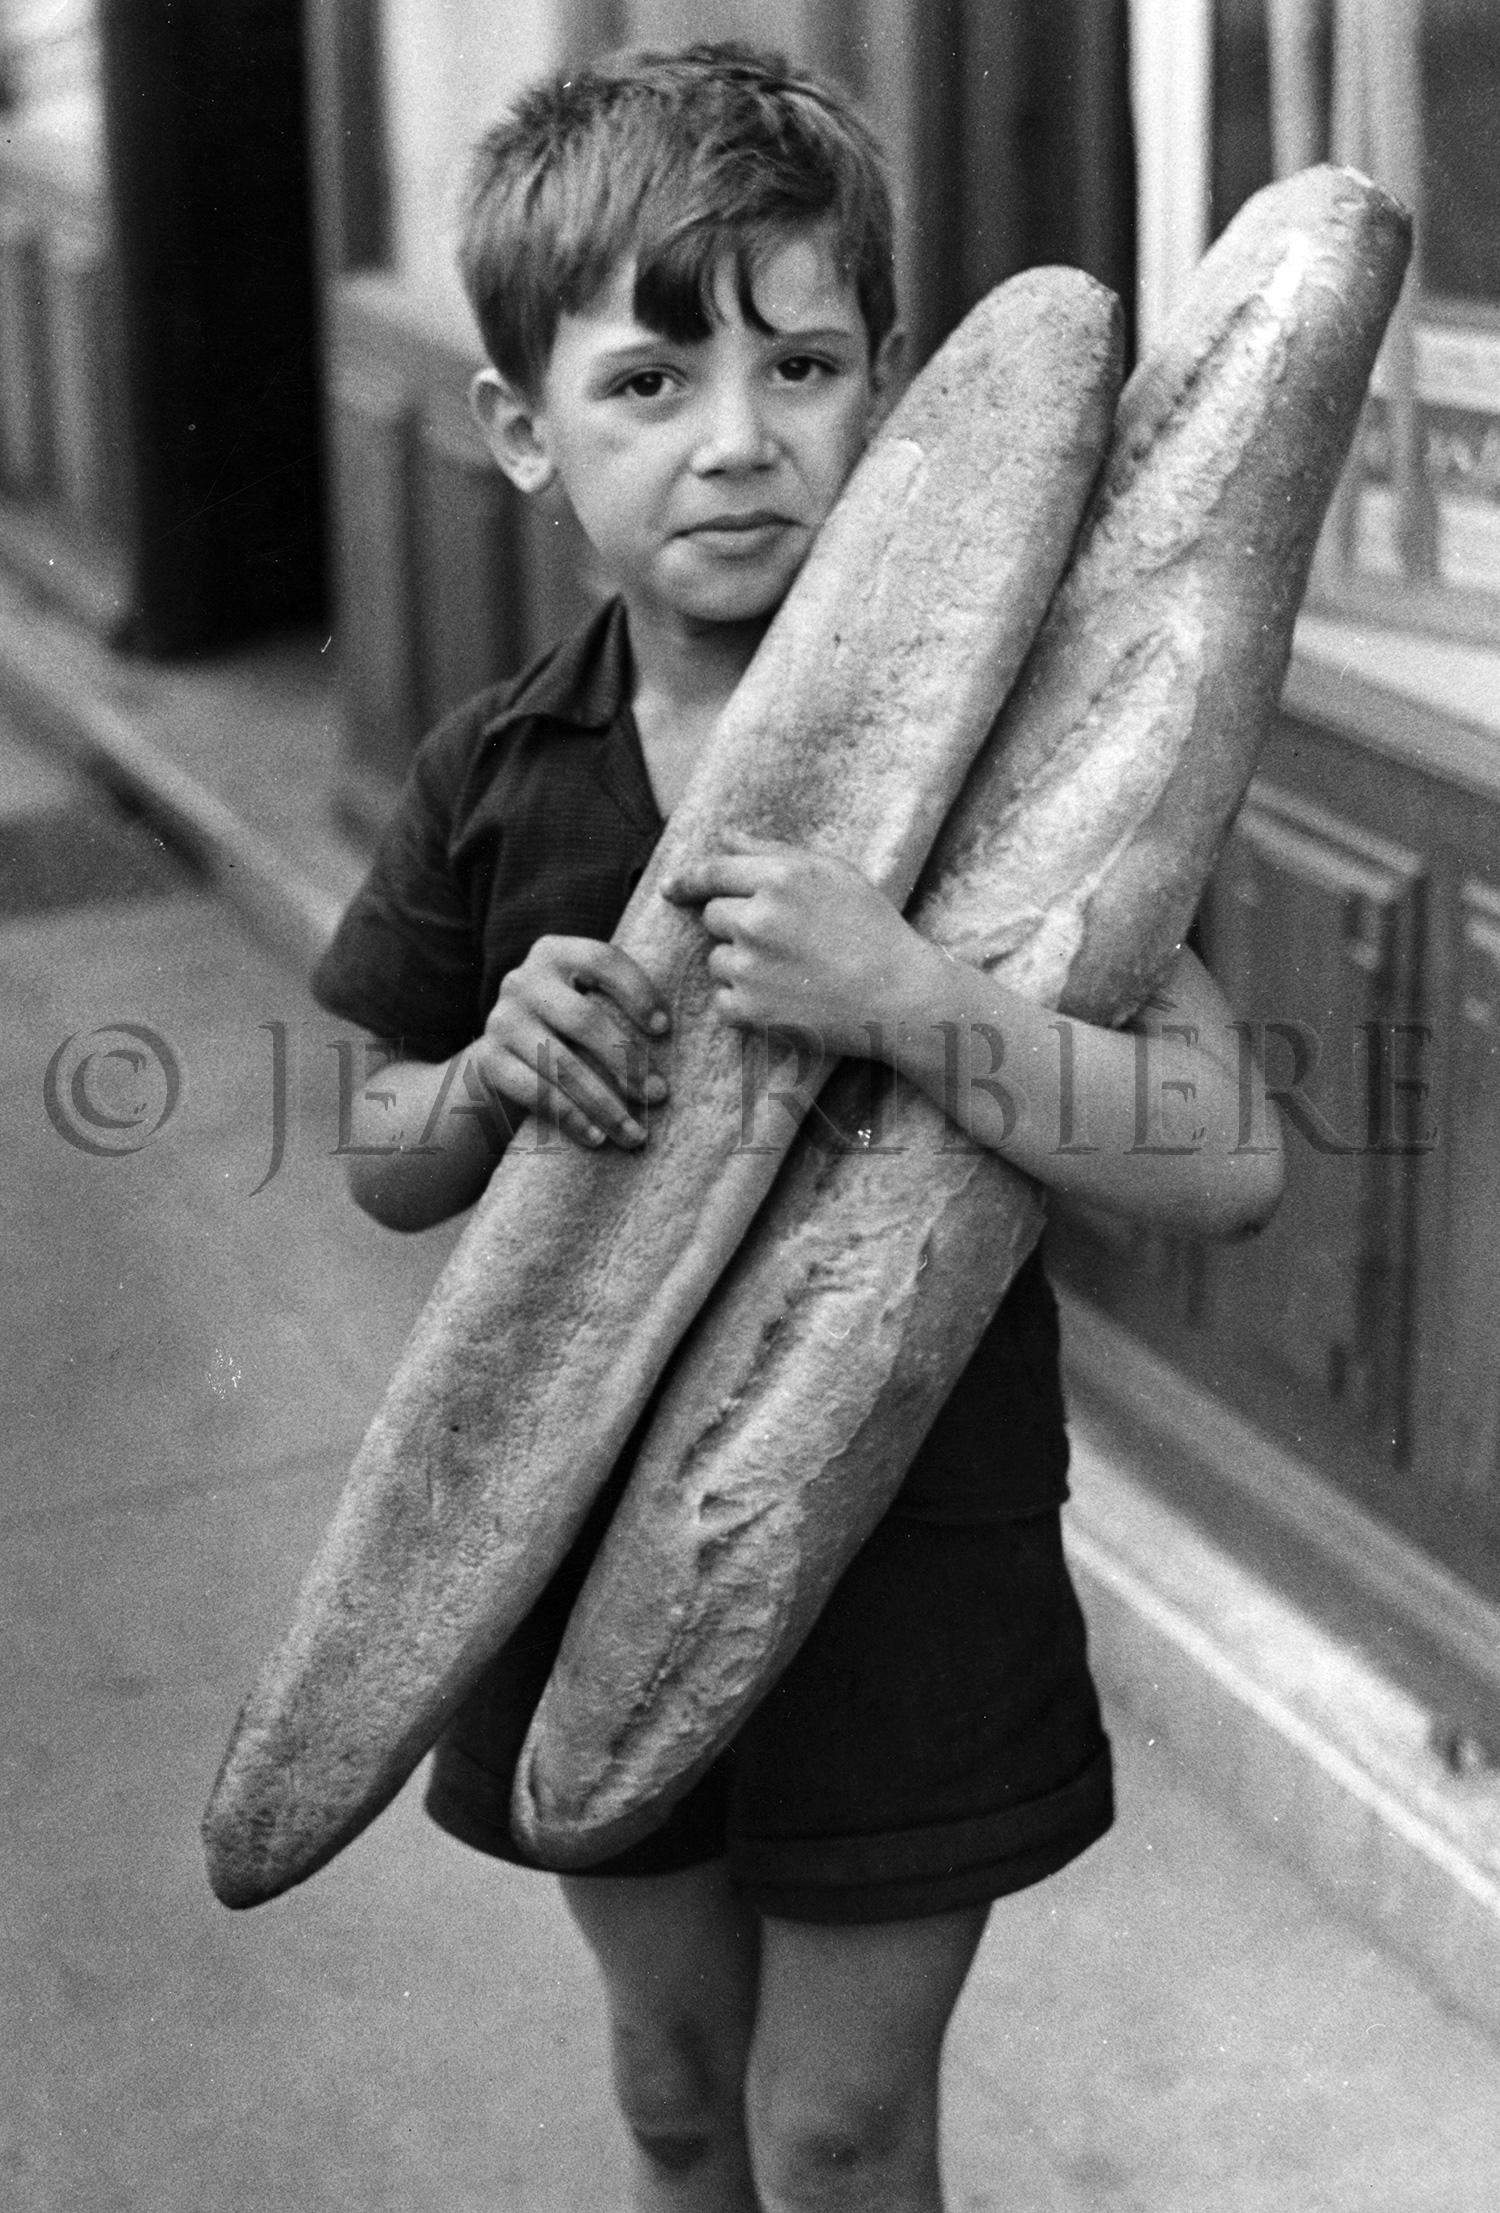 Le petit garçon et ses baguettes